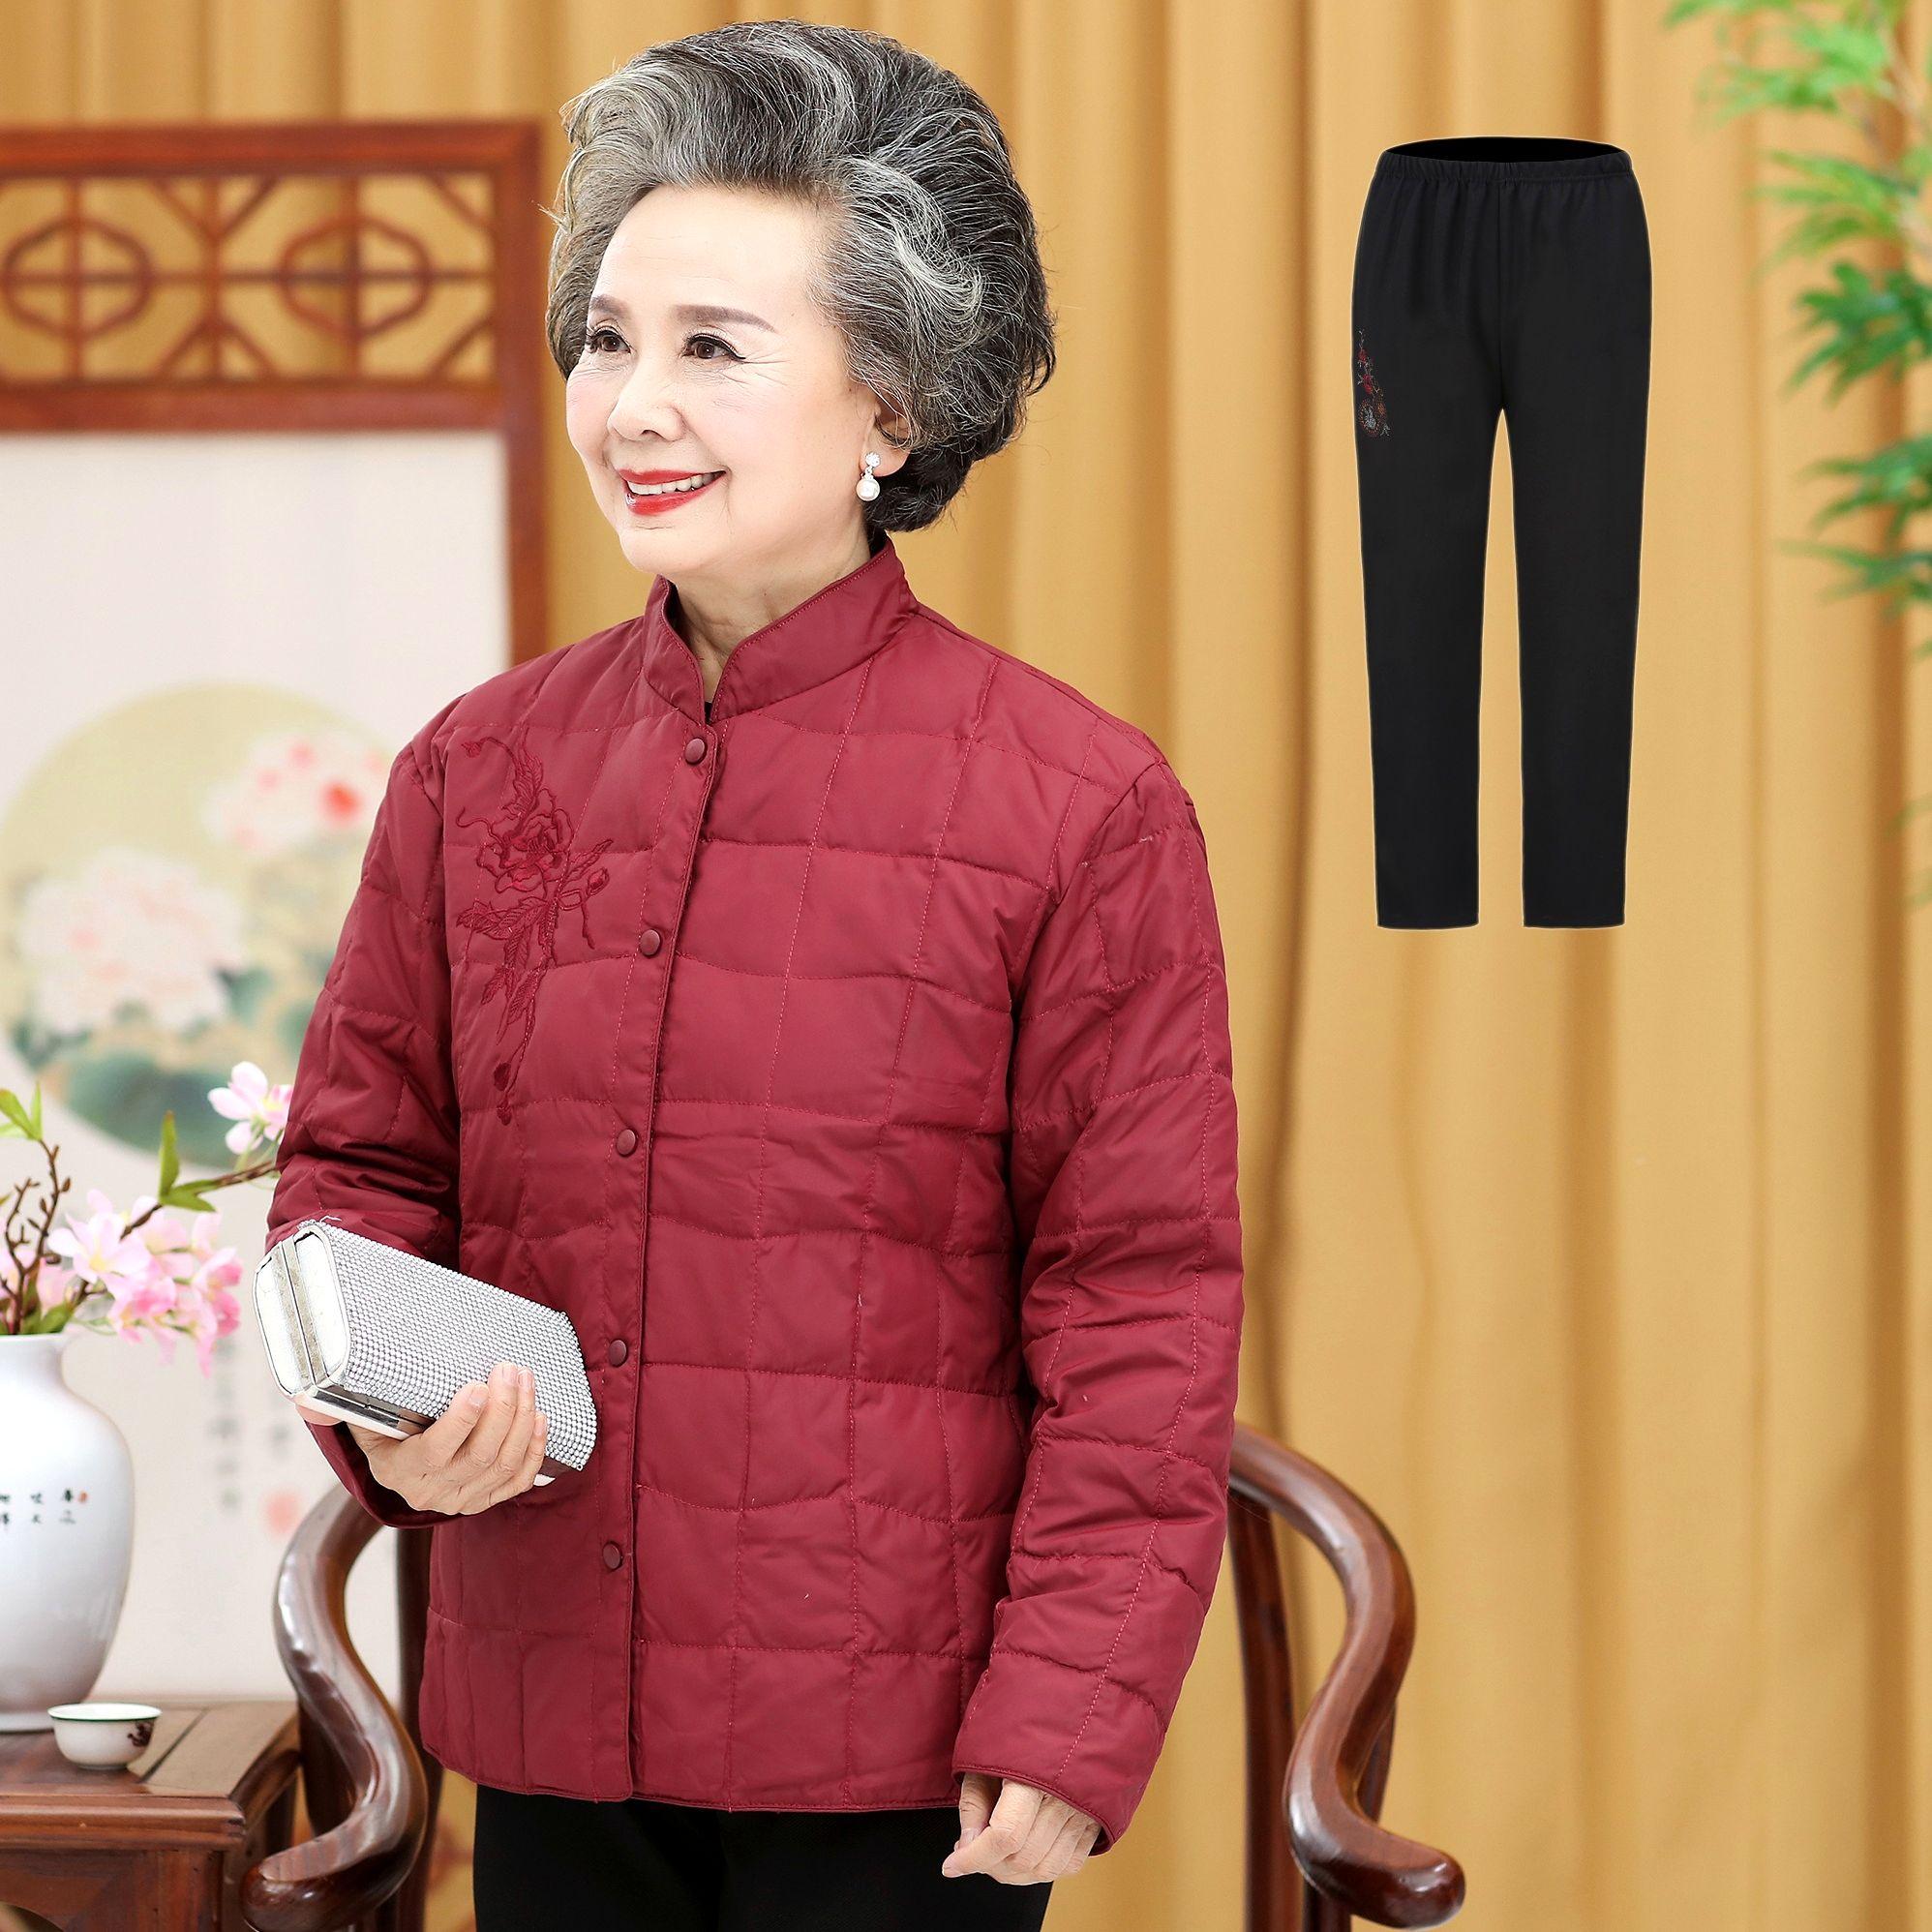 秋冬外套 中老年女式小棉袄羽绒棉服内胆老年人保暖棉服奶奶装 新款